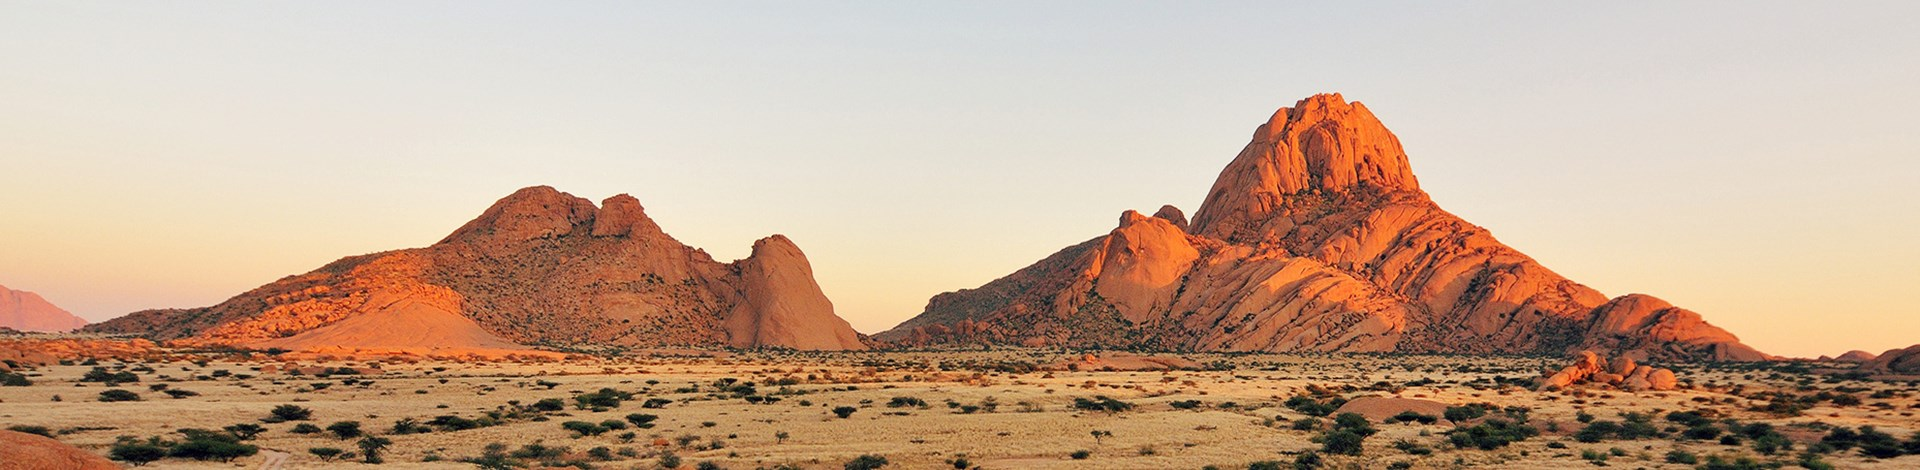 Etosha-Northern Region